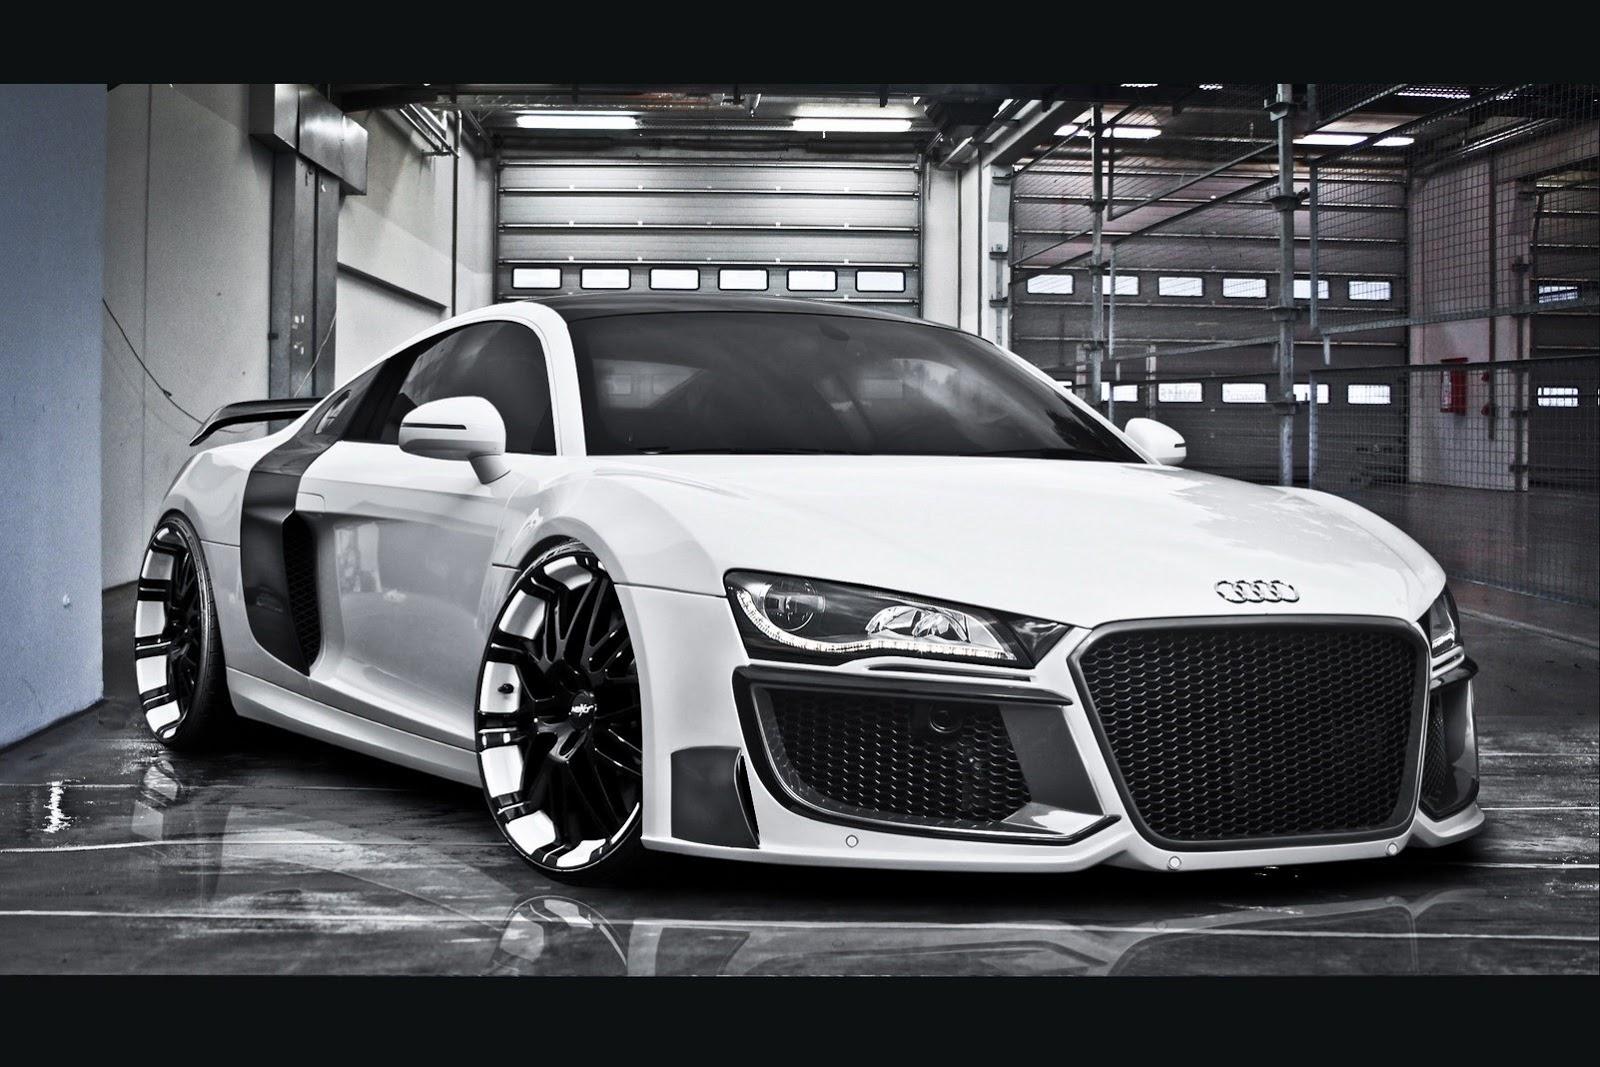 http://2.bp.blogspot.com/-VrBvnR1fiTI/UMNEevwWXqI/AAAAAAAAEww/q8ZBynTJAXA/s1600/Regula-Tuning-Audi-R8-front-quarter.jpg